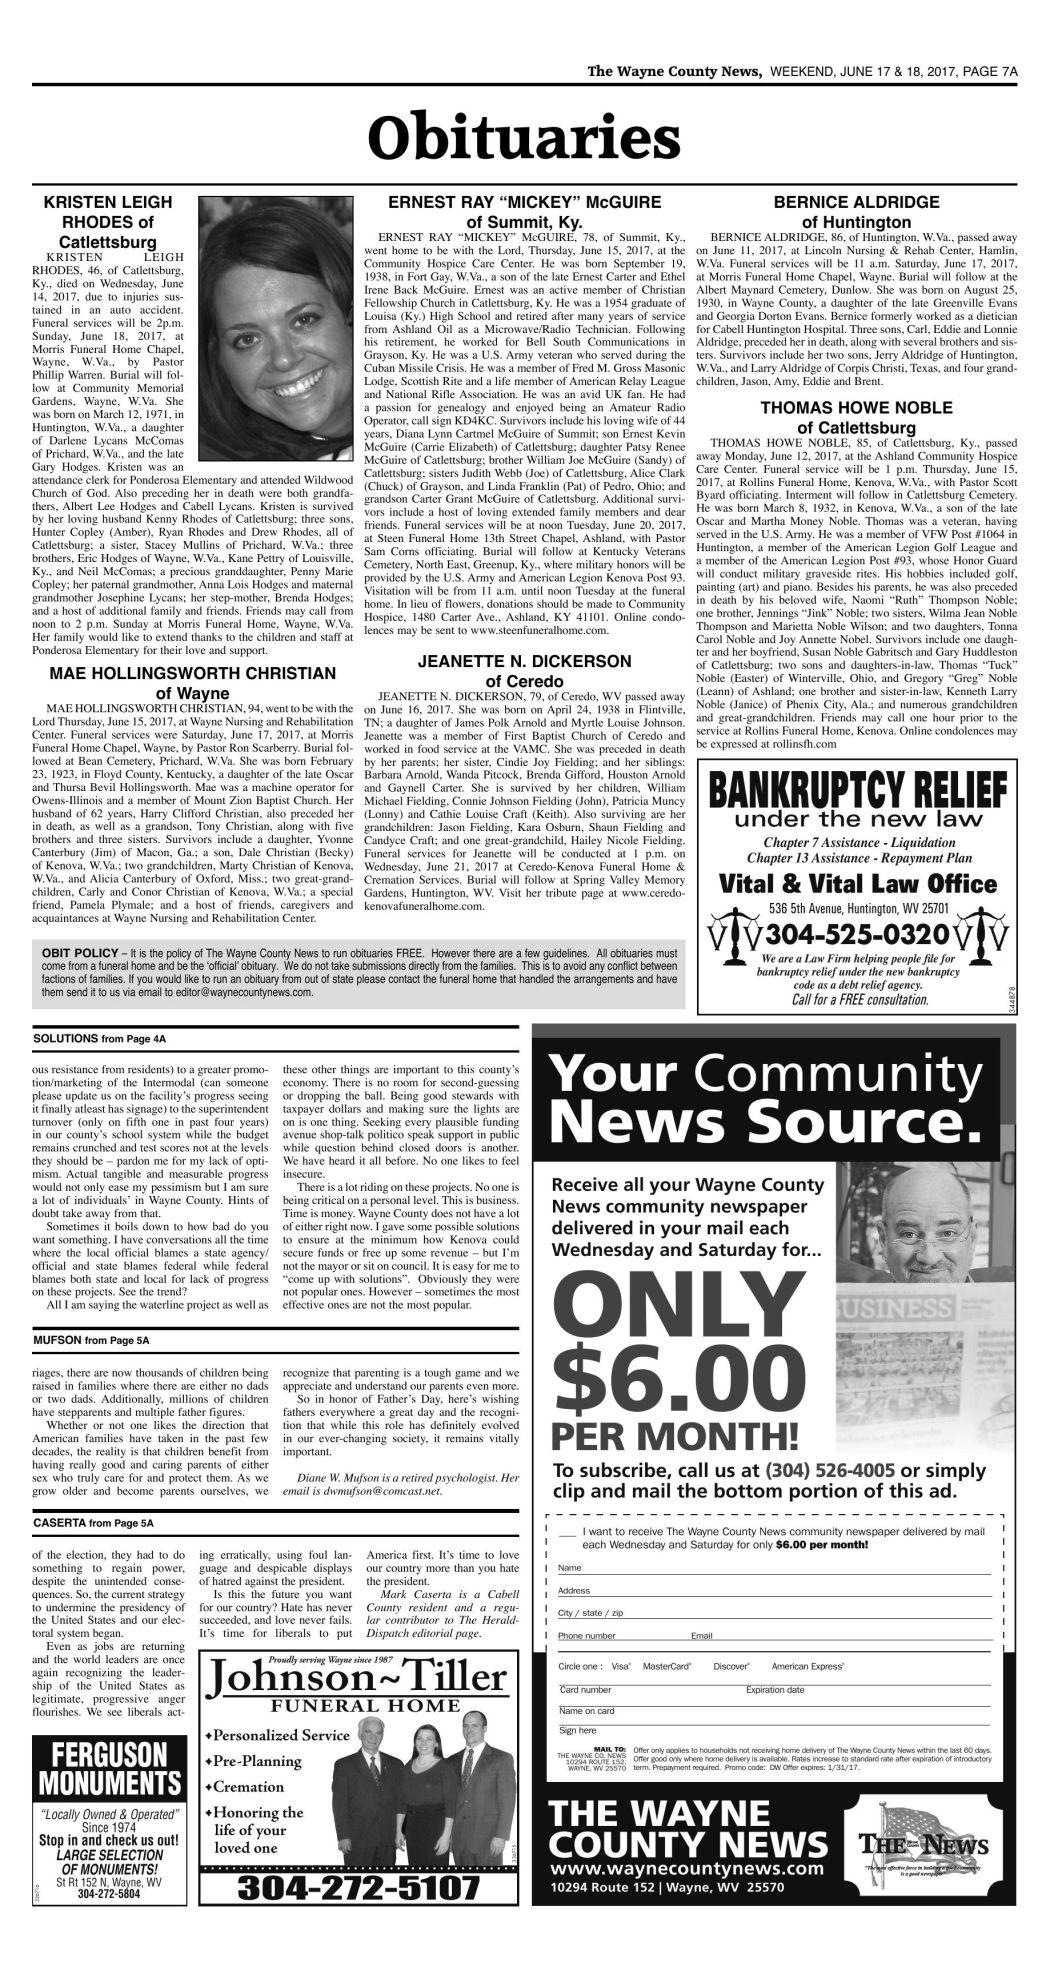 June 17, 2017 Obituaries | Wc Obituaries | herald-dispatch com